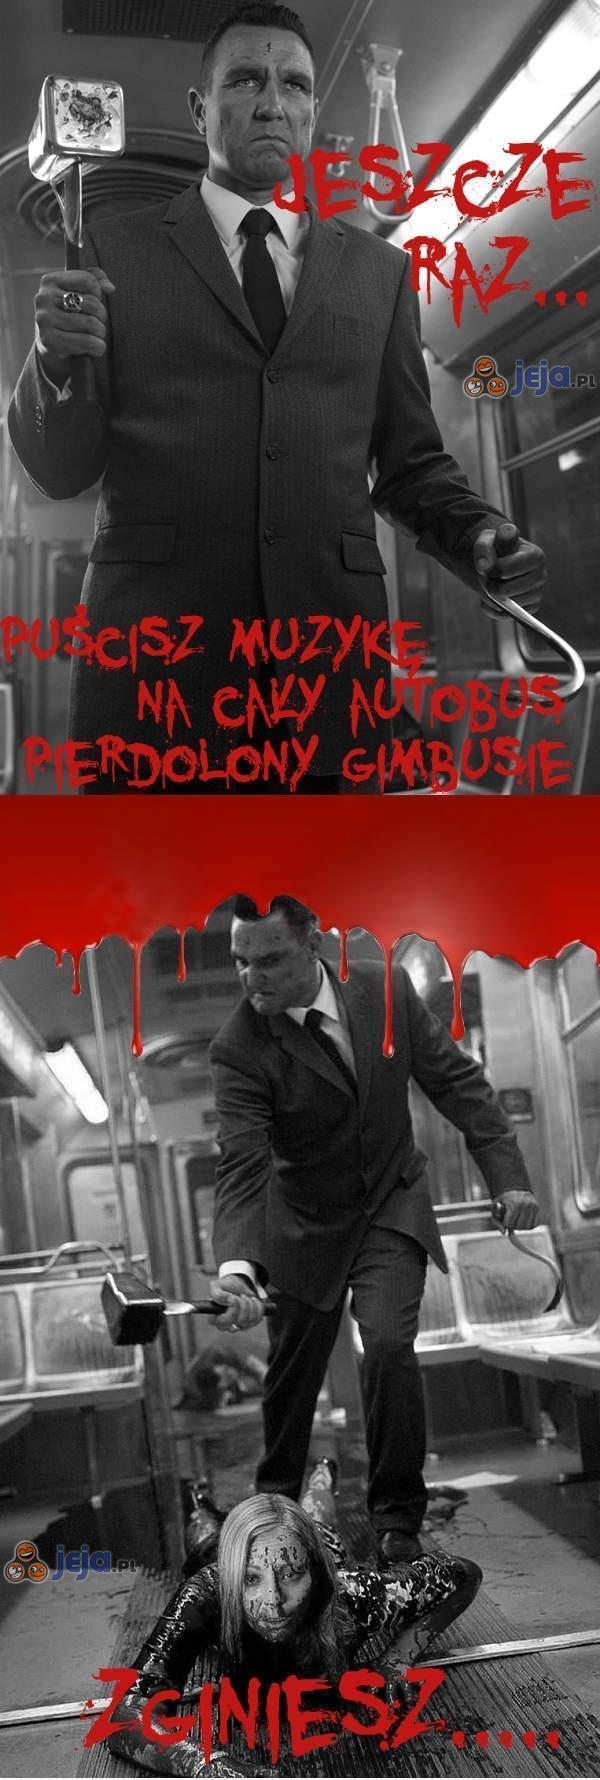 Gimbusy umierajcie!